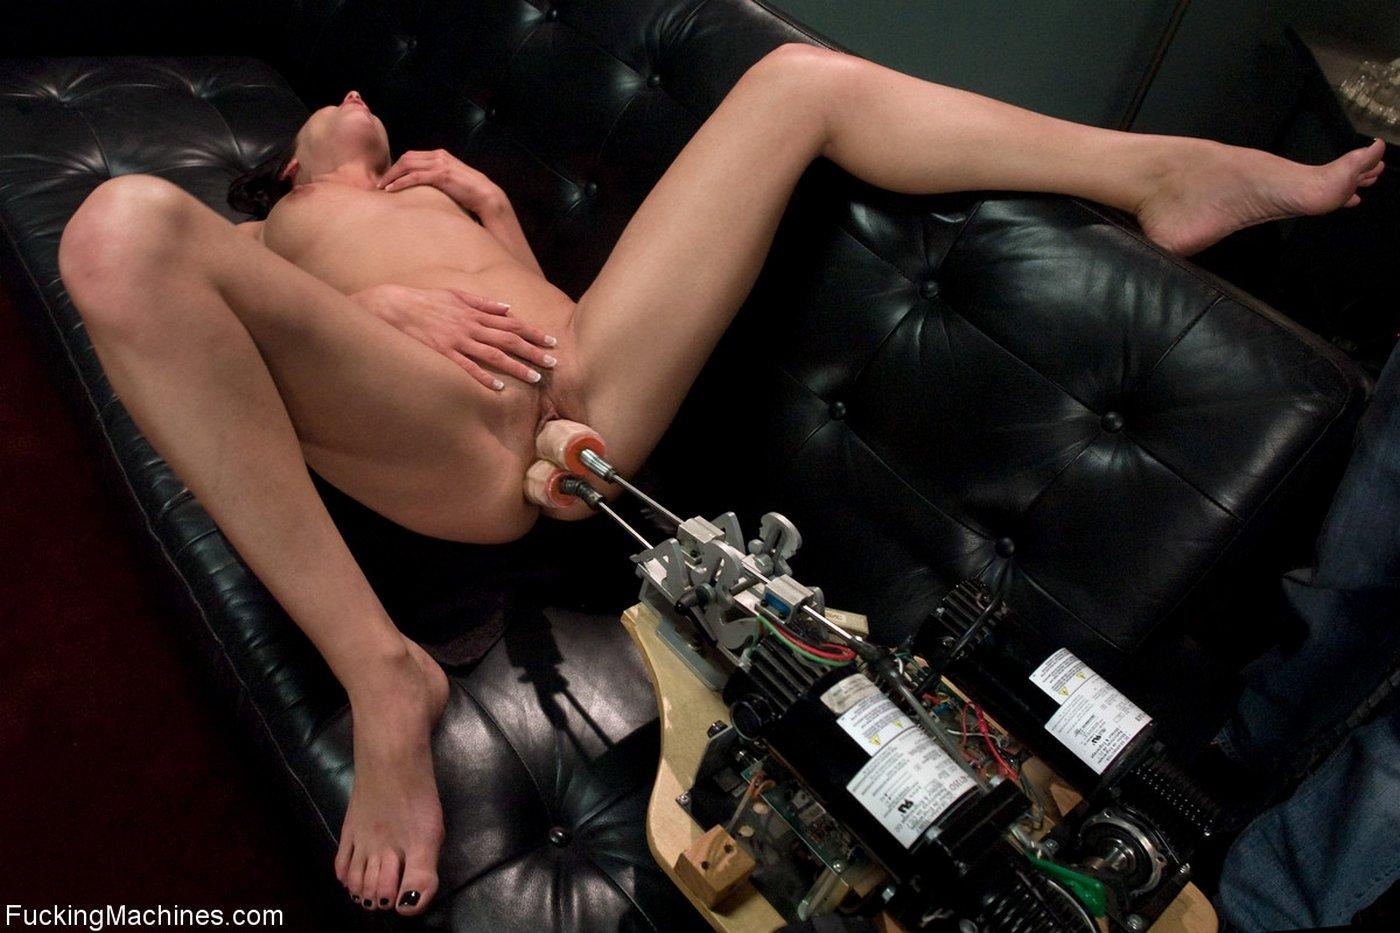 смотреть с агрегатами порно напоследок